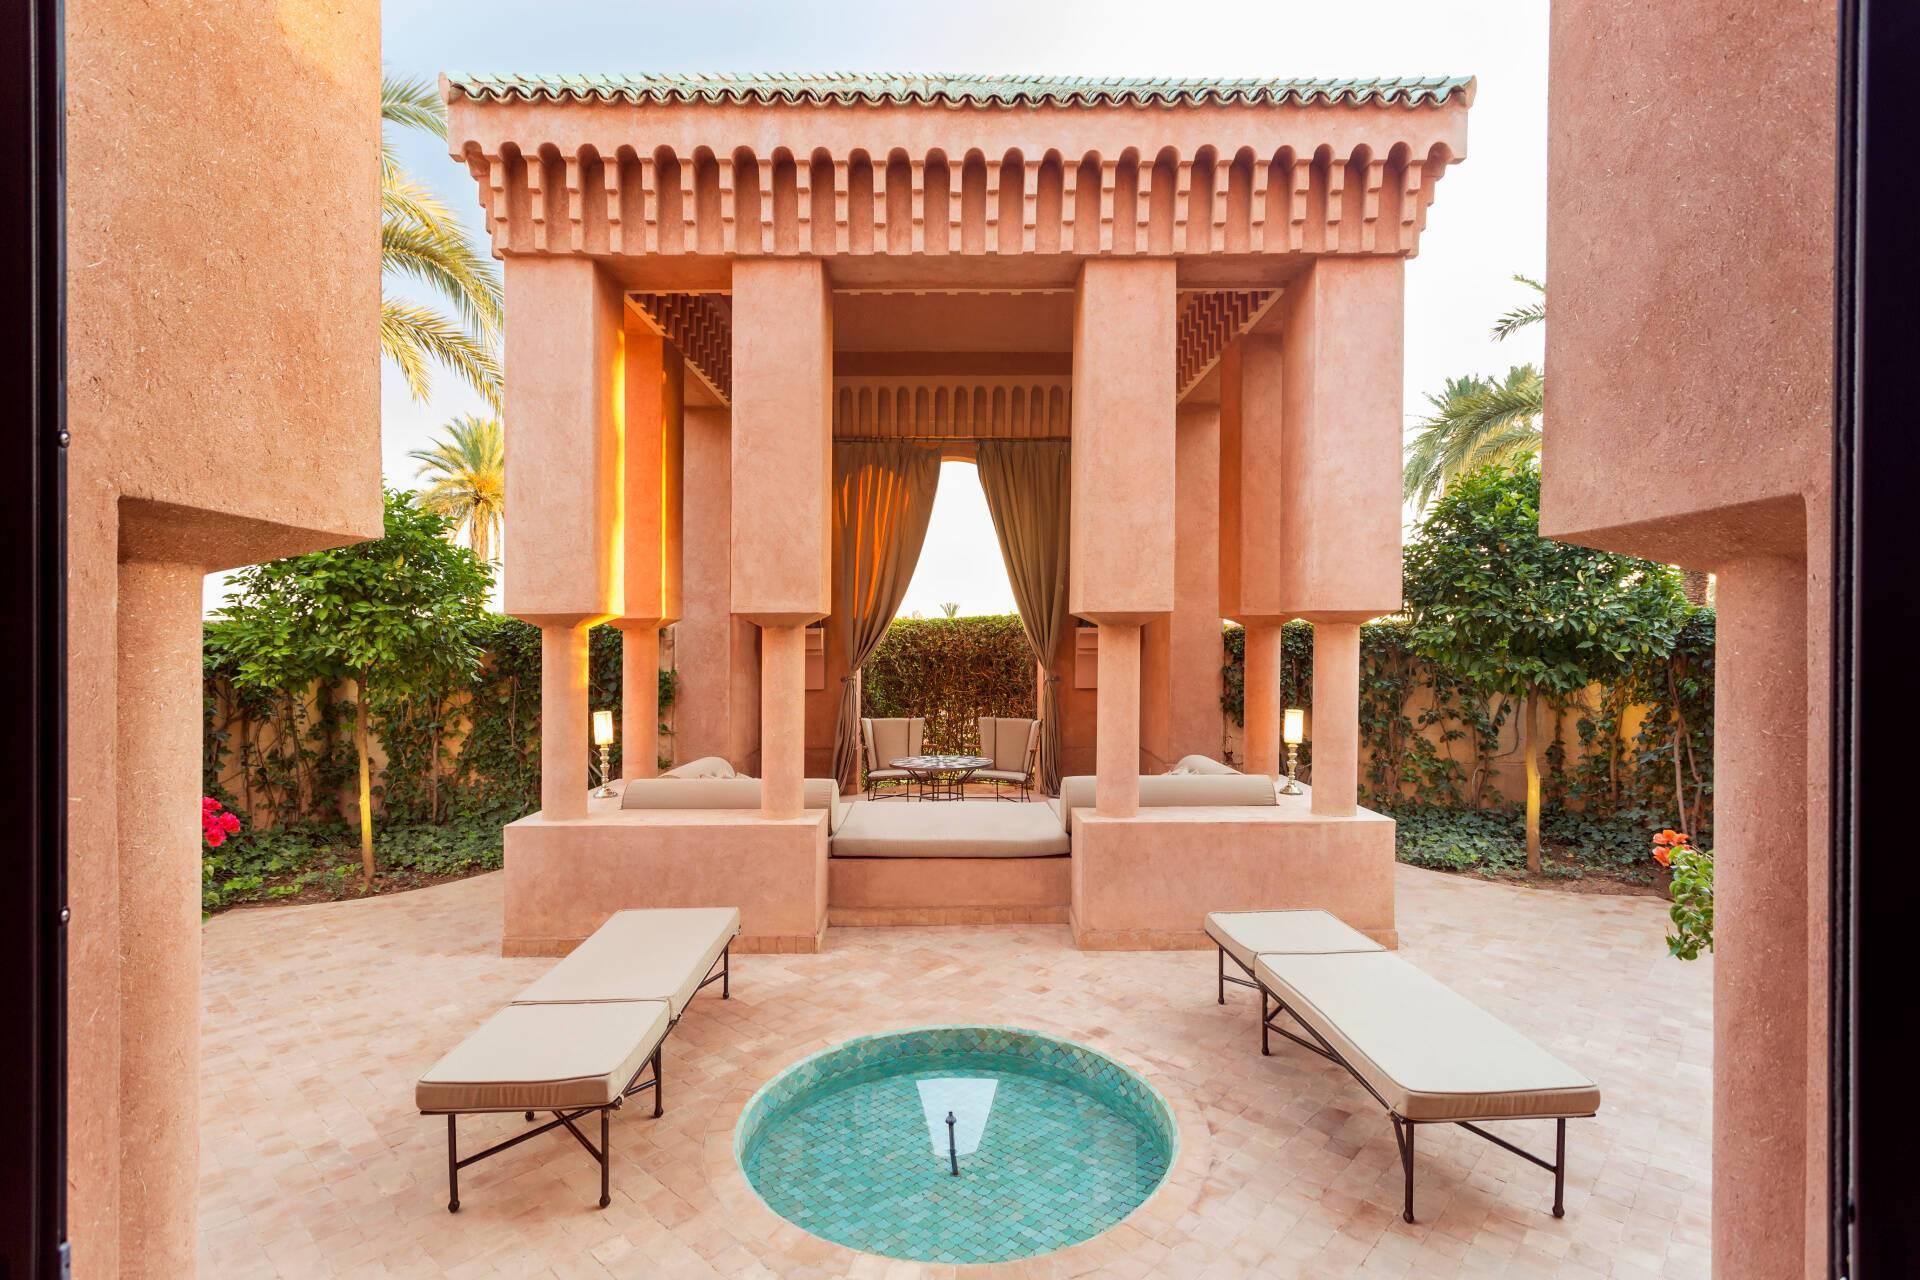 Amanjena Pavilion Exterieur Marrakech